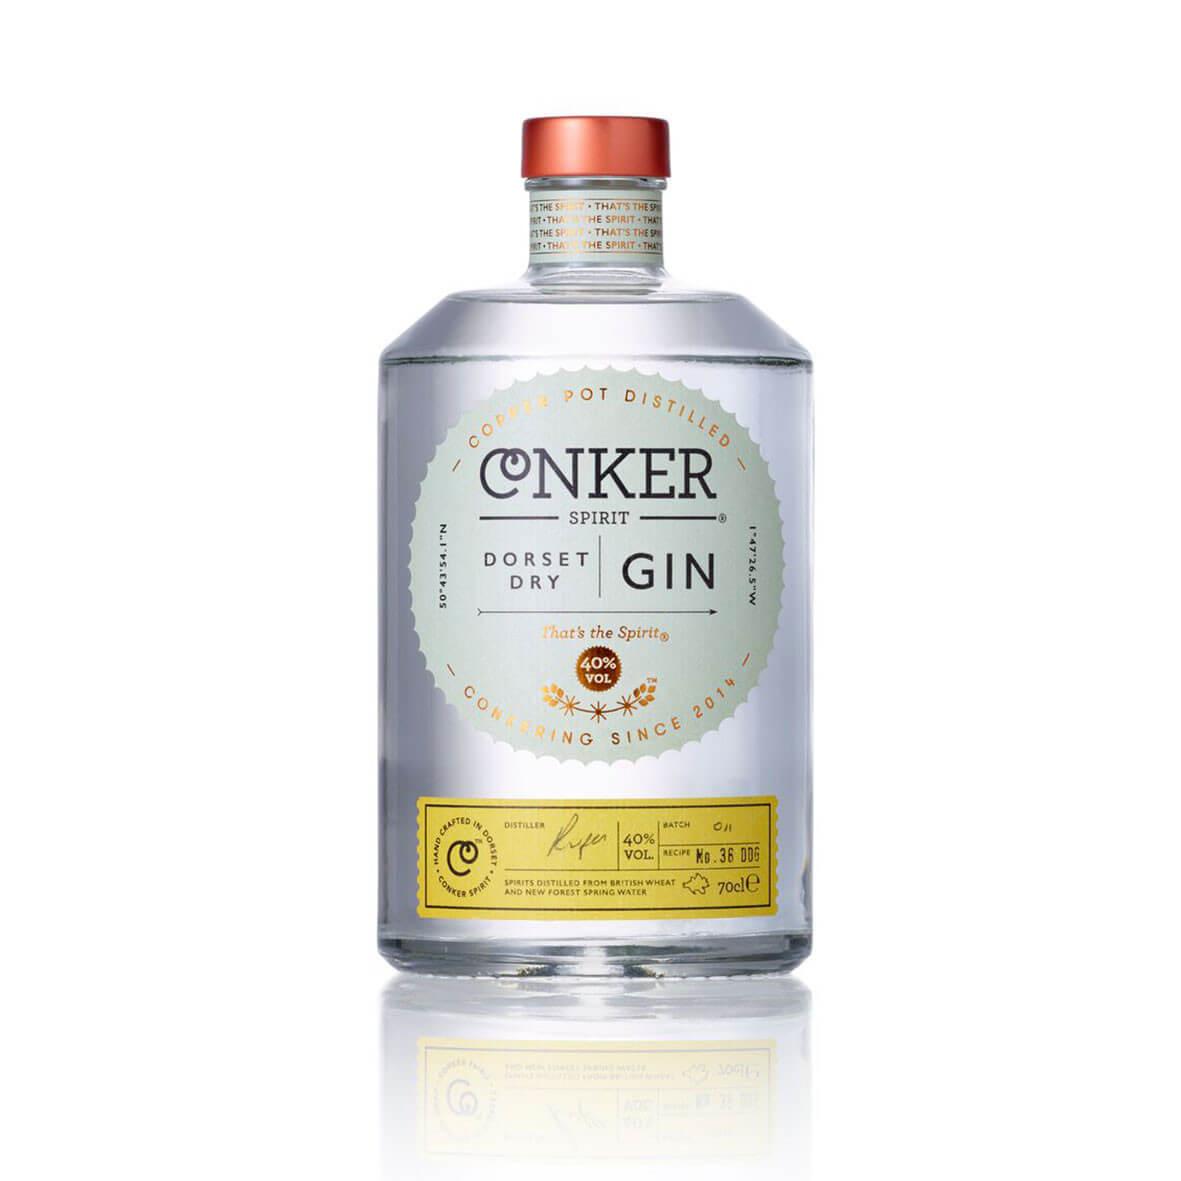 Conker_Dorset_Dry_Gin